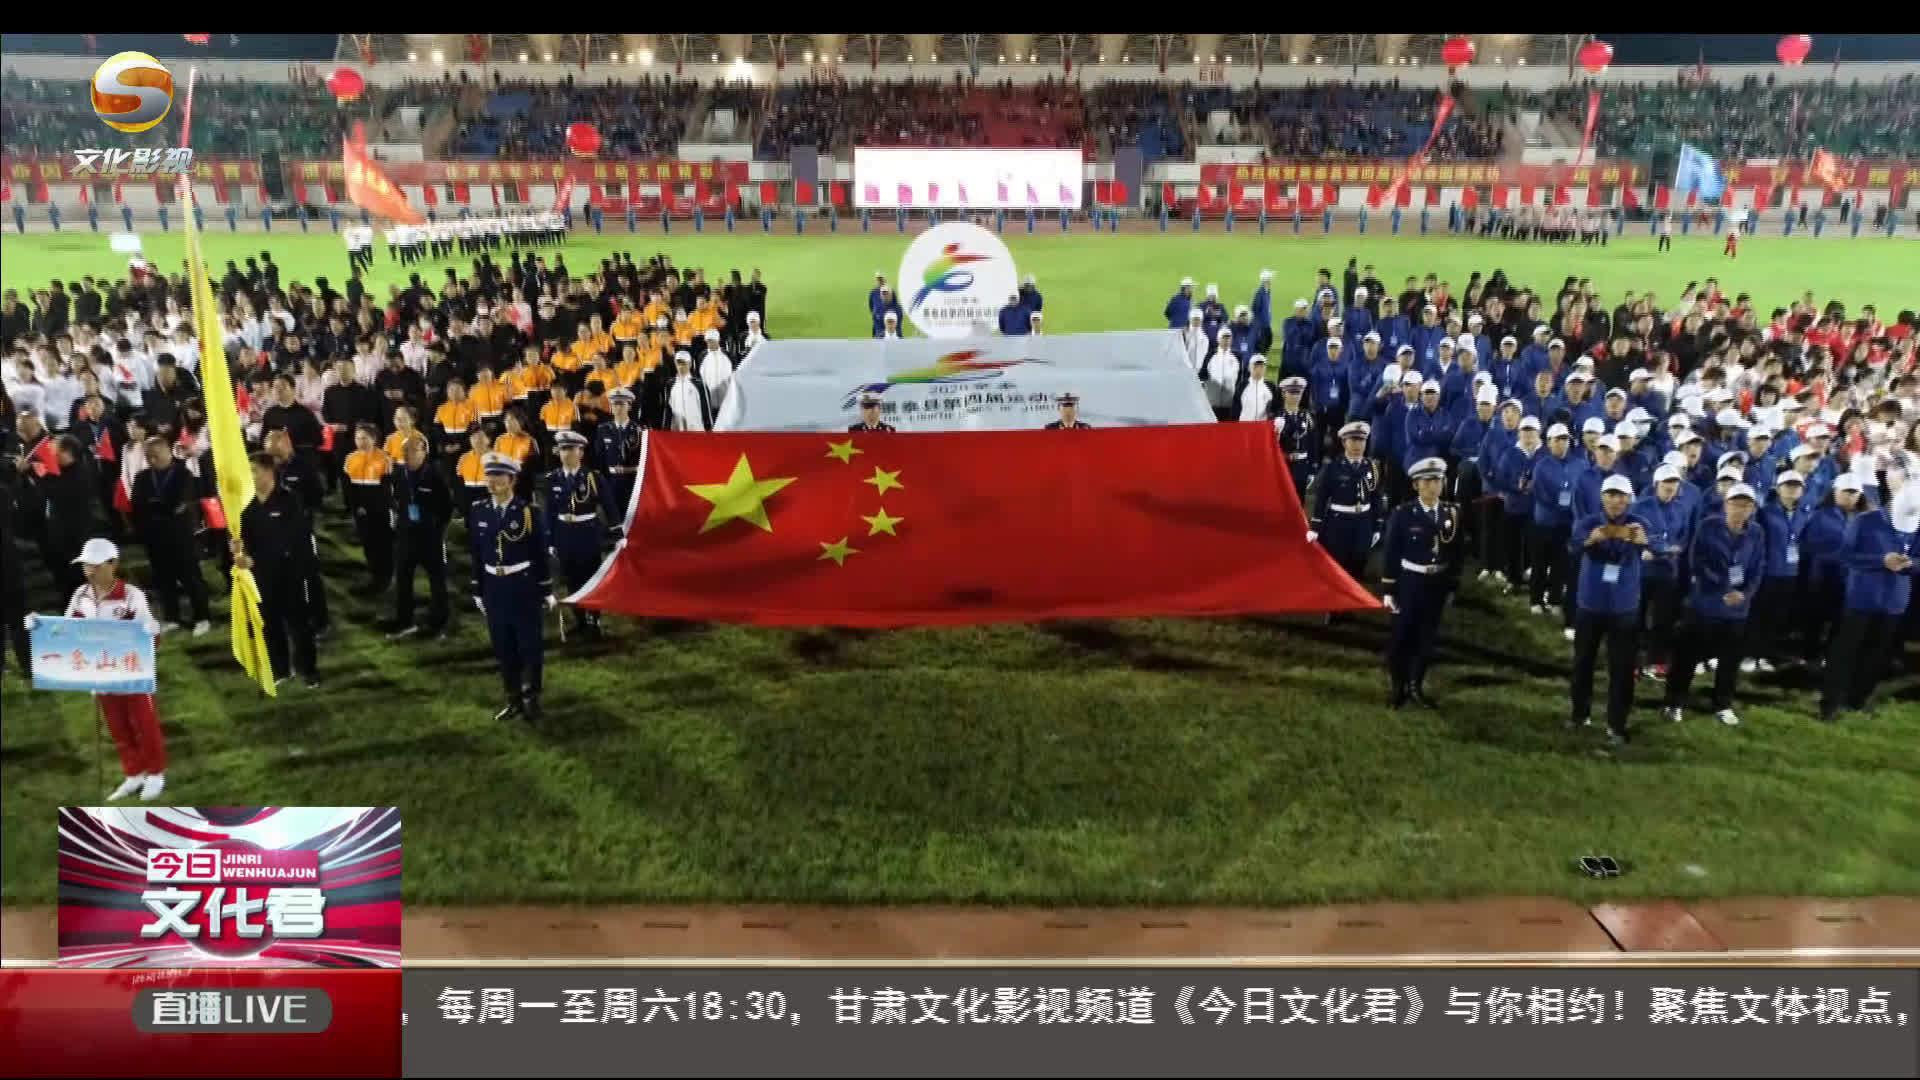 景秀四运 泰多精彩——景泰县第四届运动会开幕式隆重举行